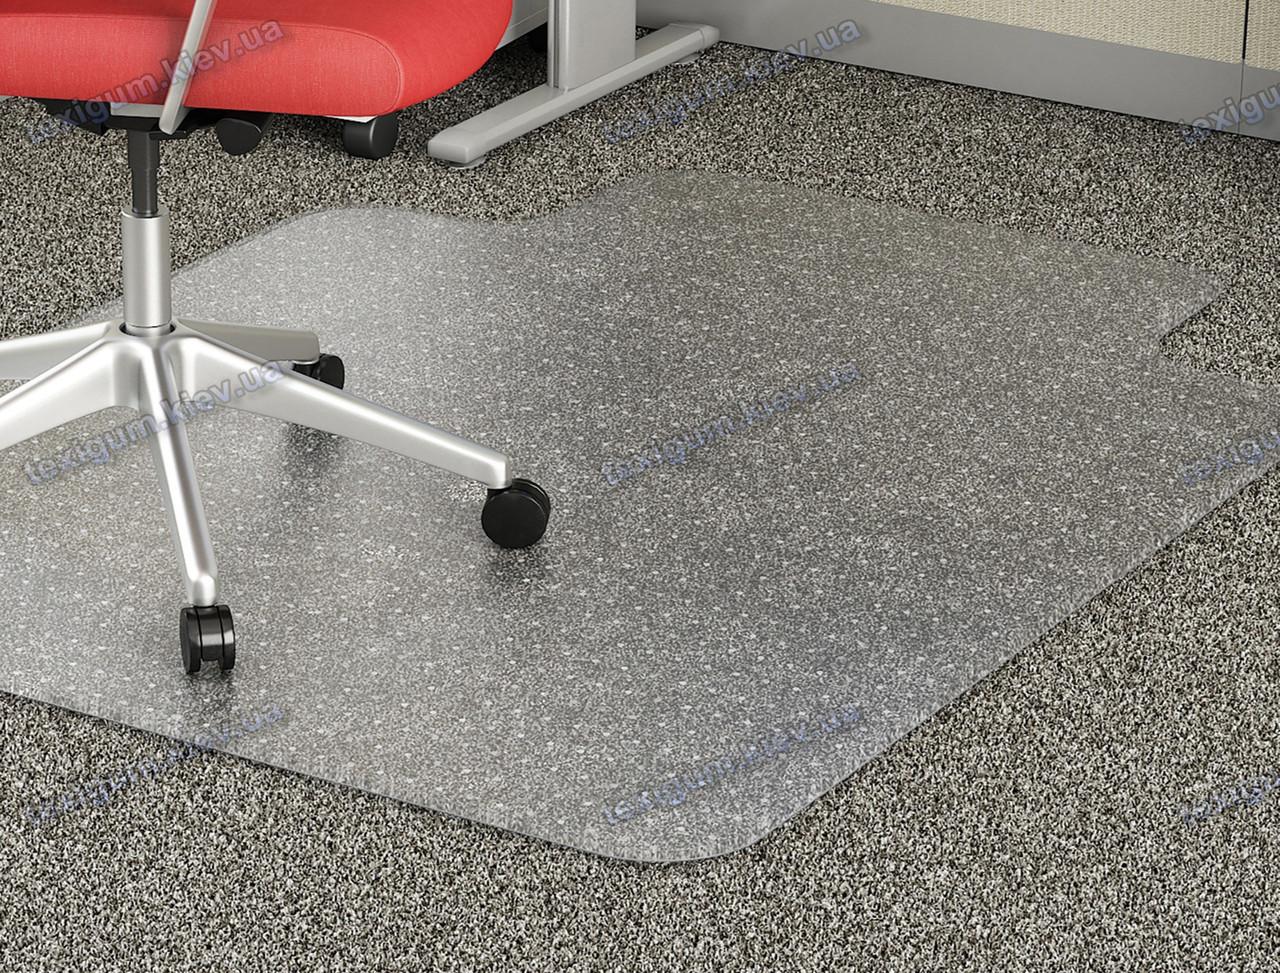 Захисний килим під крісло прозорий 122х152см для ковроліну Німеччина. Товщина 5,0 мм